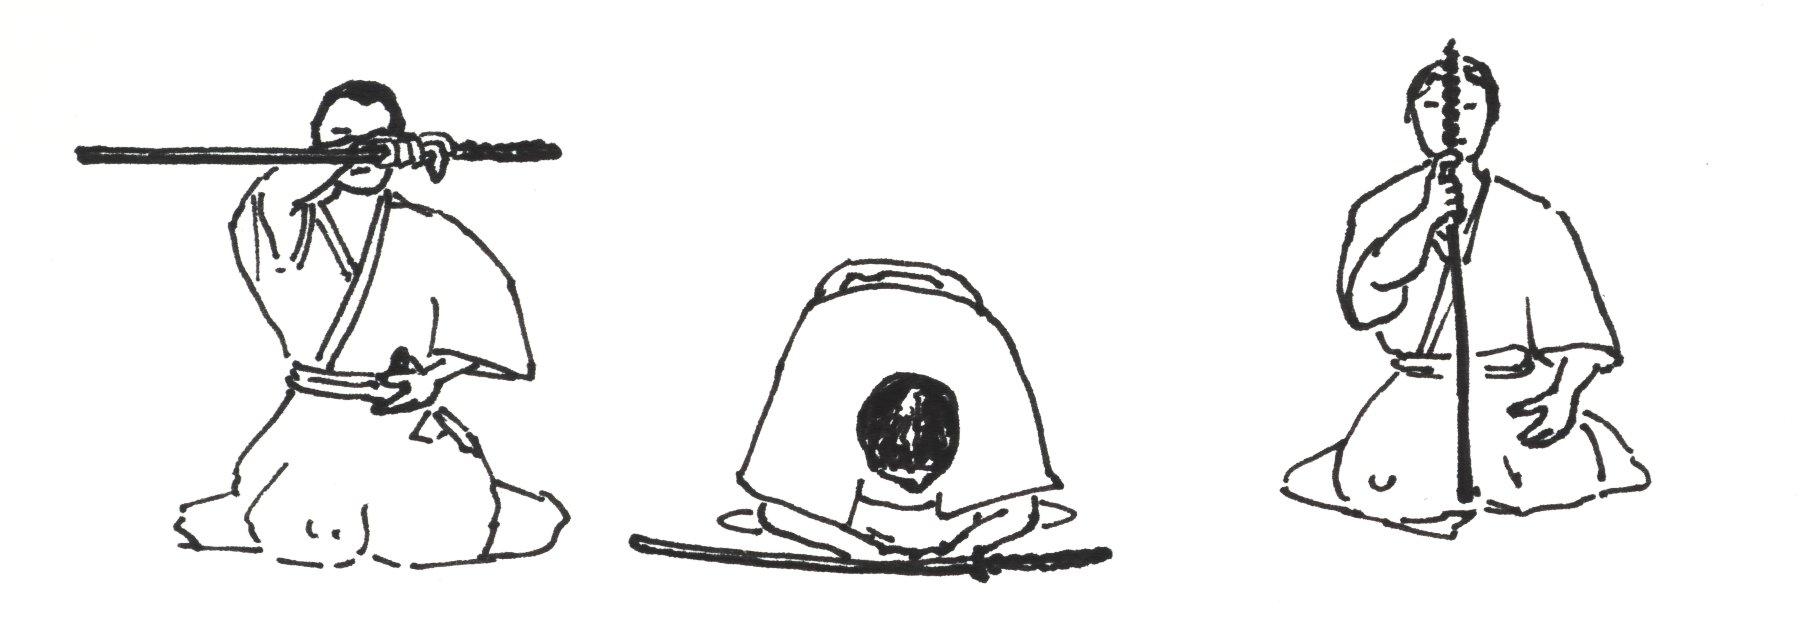 Iaidô Iaido_drawing_salute